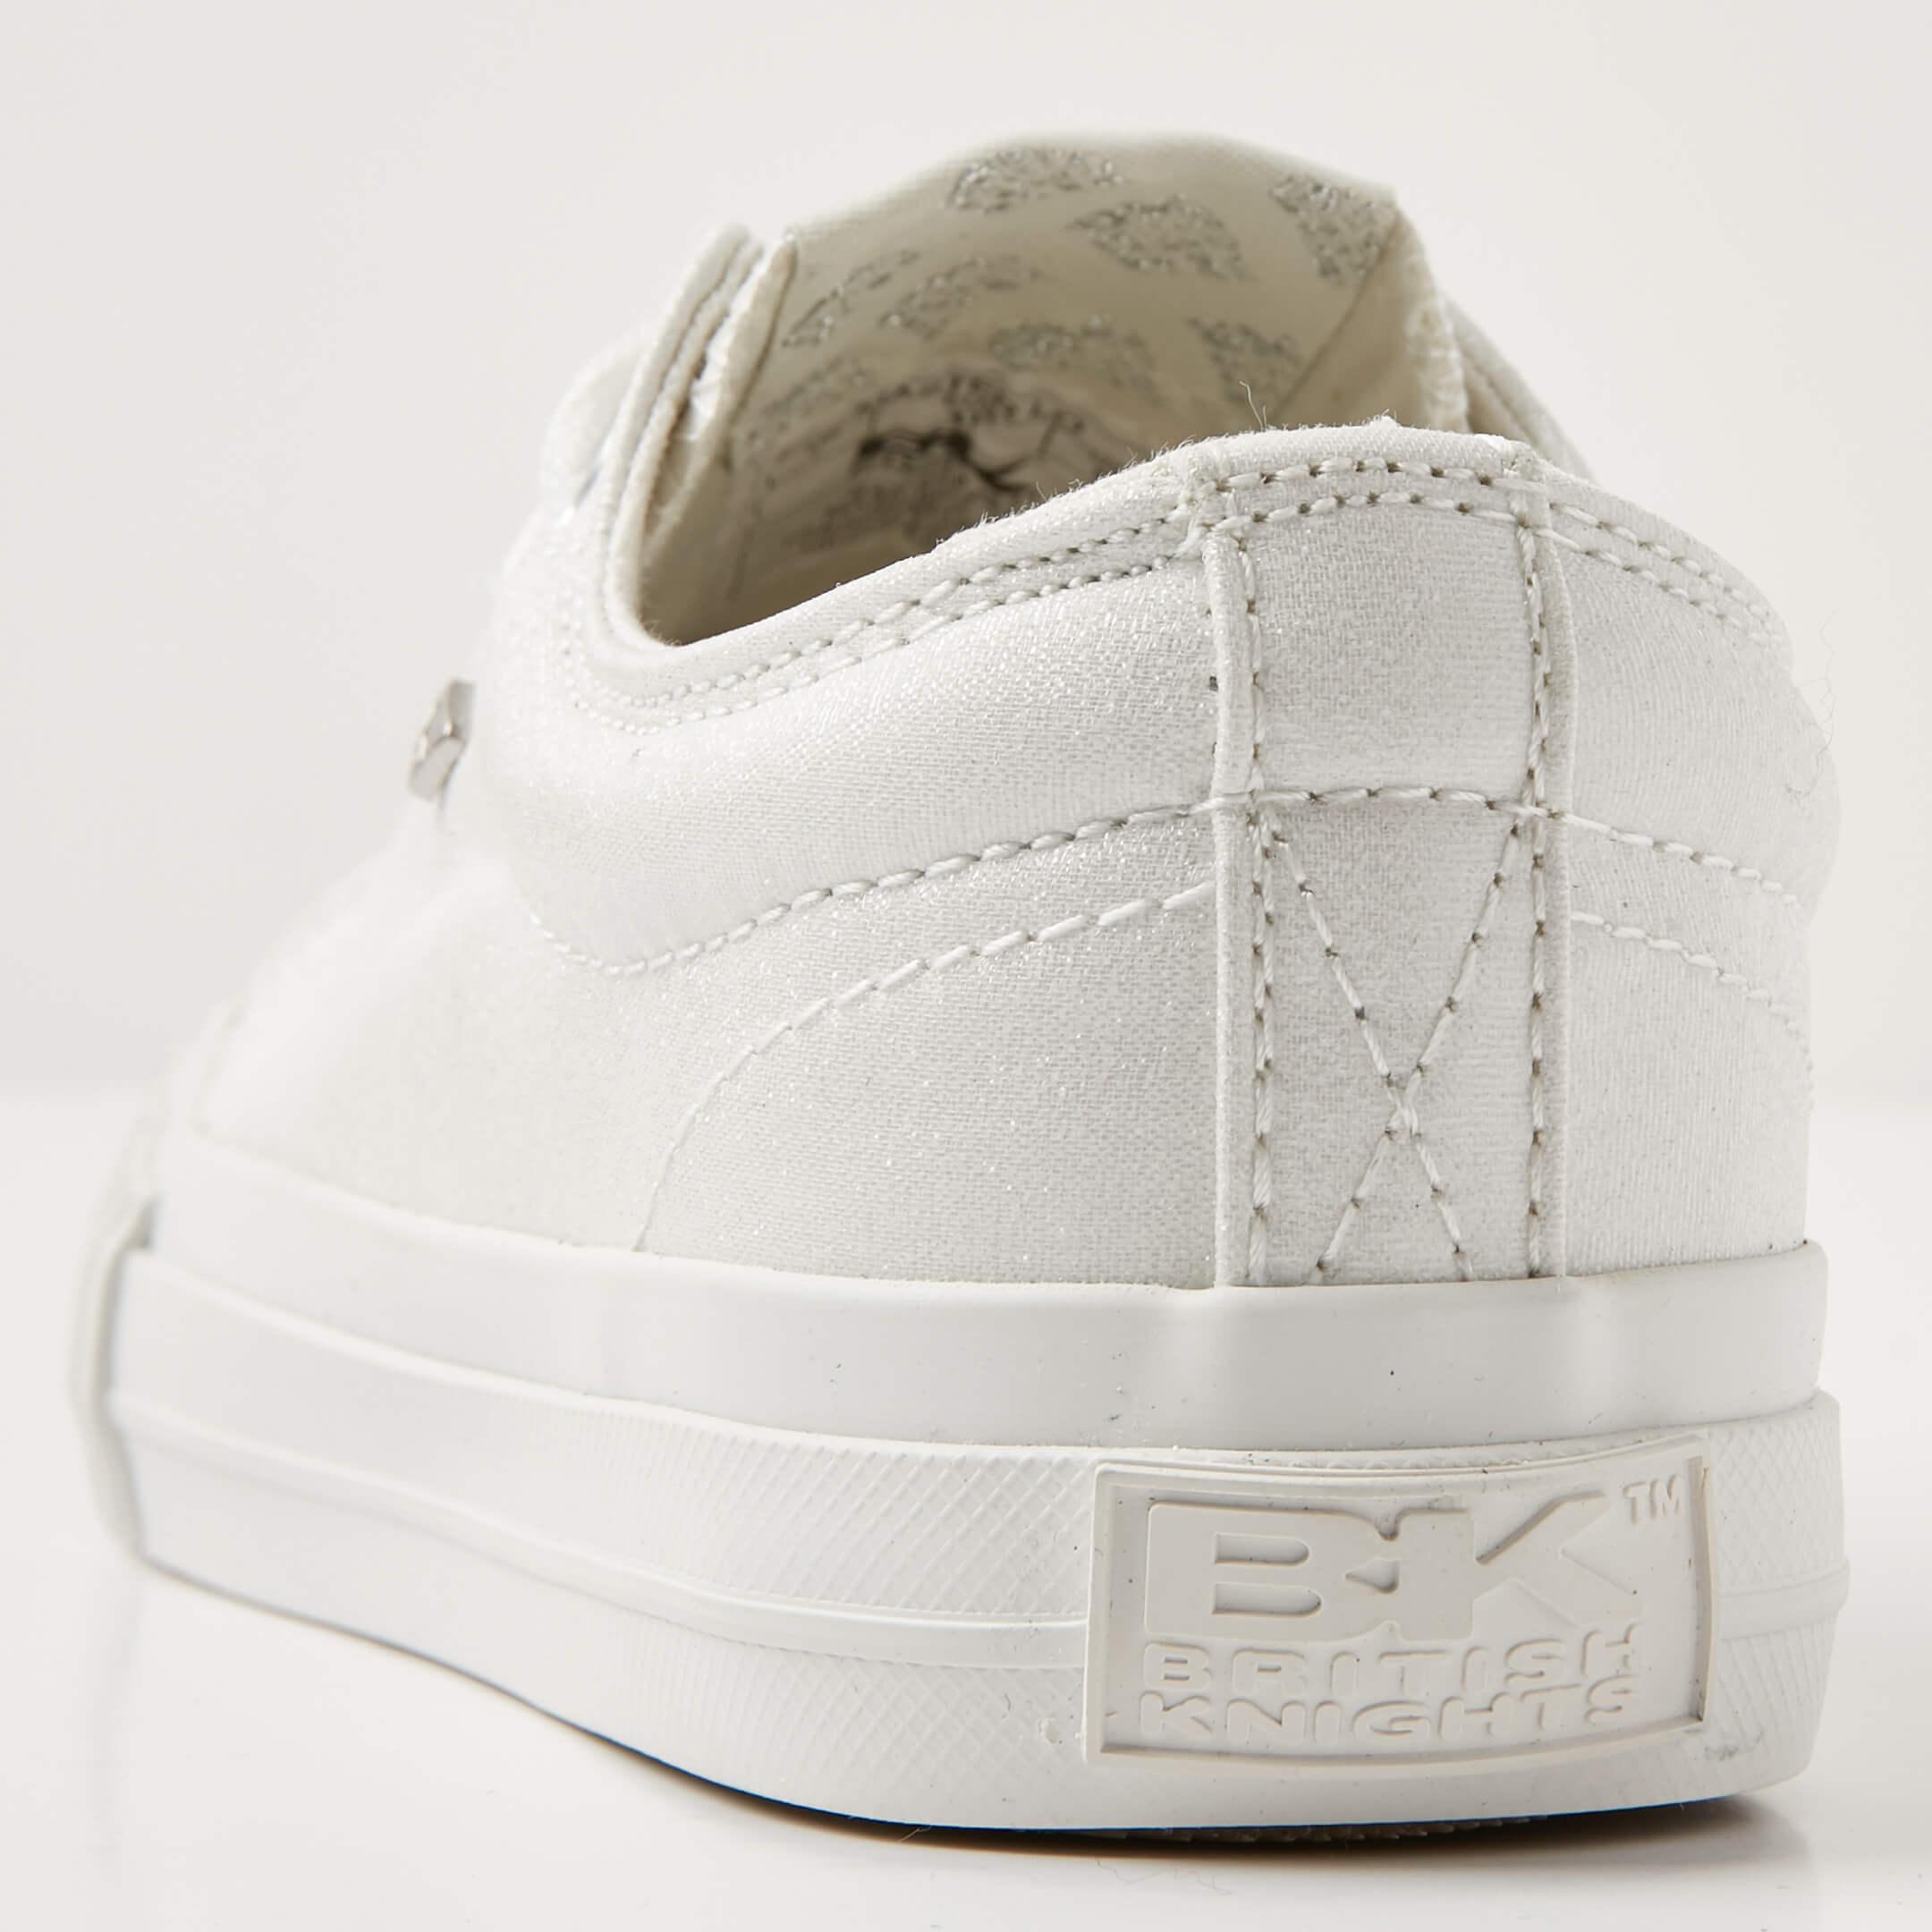 British Knights Knights British Master lo señora semi zapato cortos-Weiss 42-b43-3719-f e8ebe1